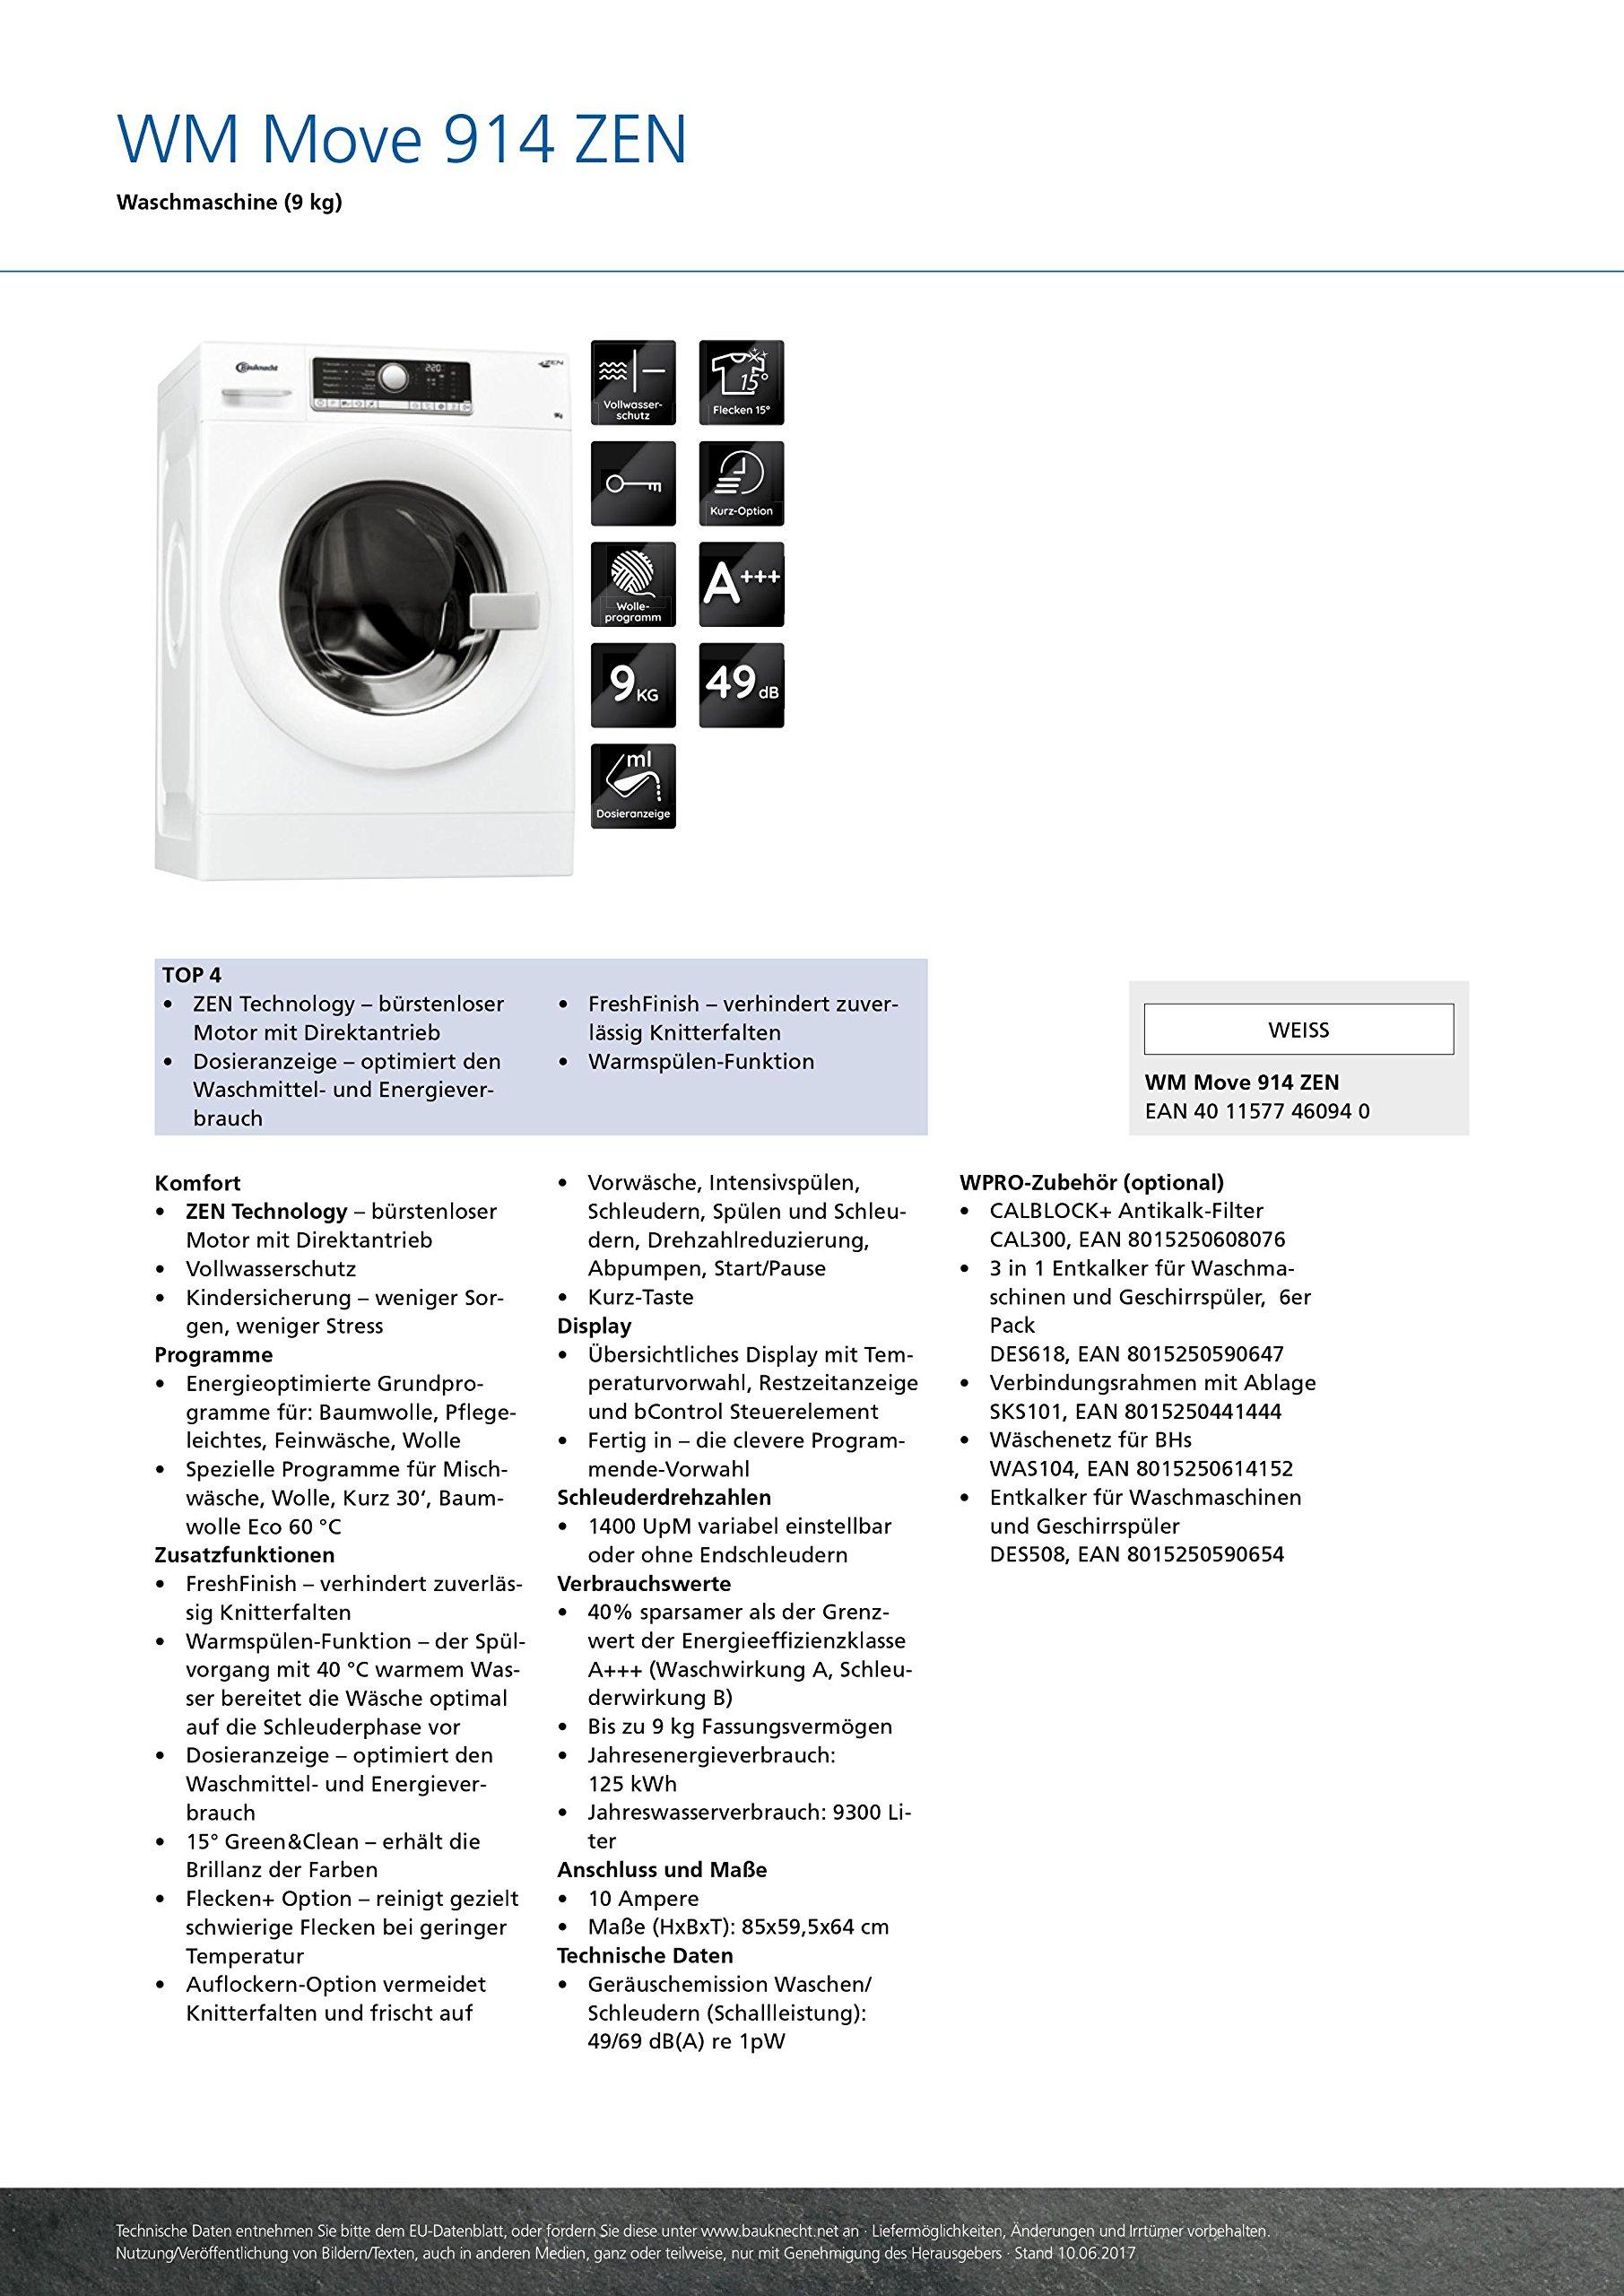 Bauknecht-WM-Move-914-ZEN-A-9-kg-ZEN-Technologie-Dosieranzeige-FreshFinish-Wei